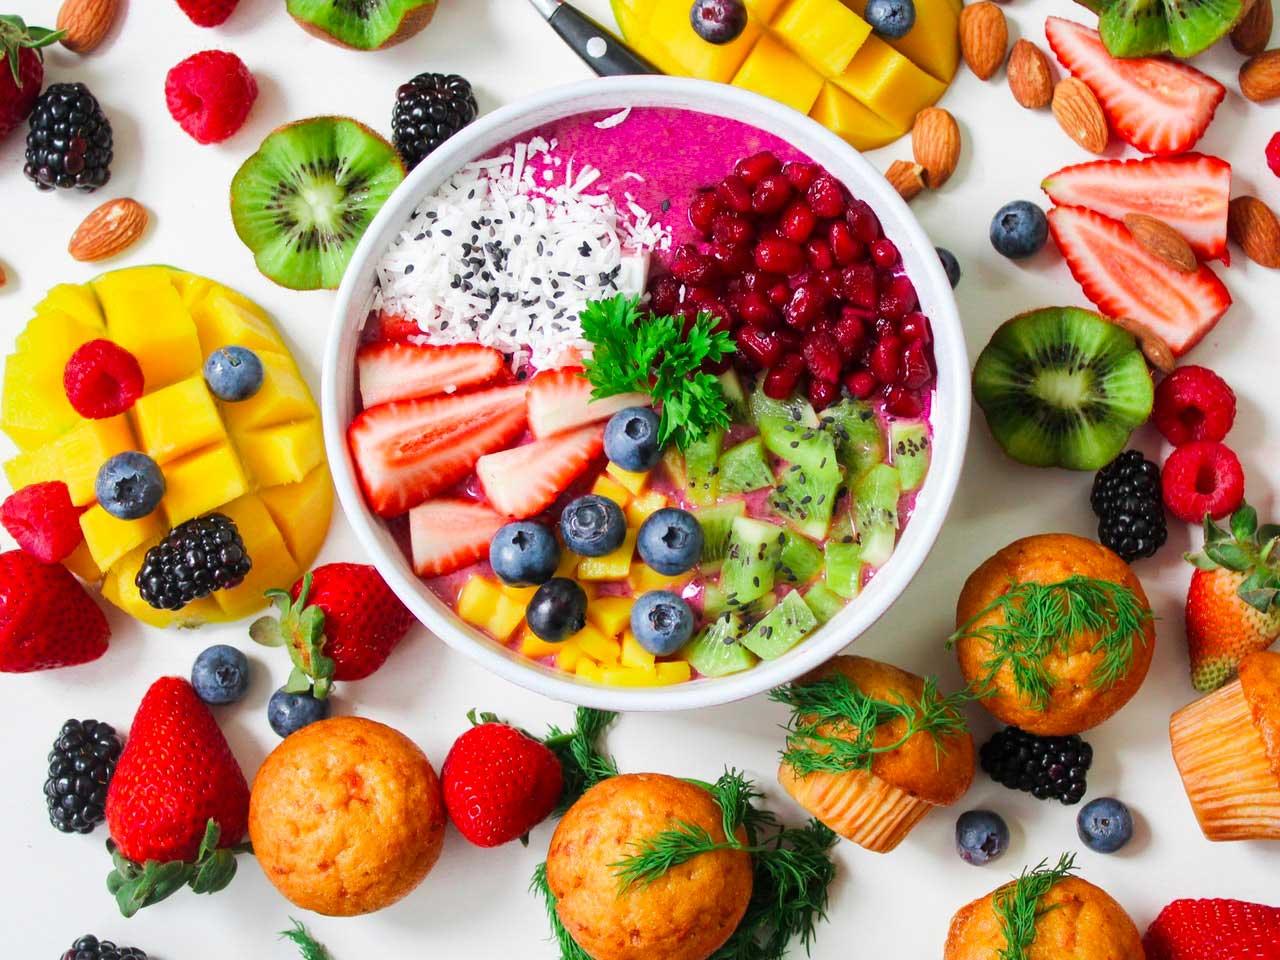 bioterre-epicerie-sante-printemps-interieur-fruit-legume